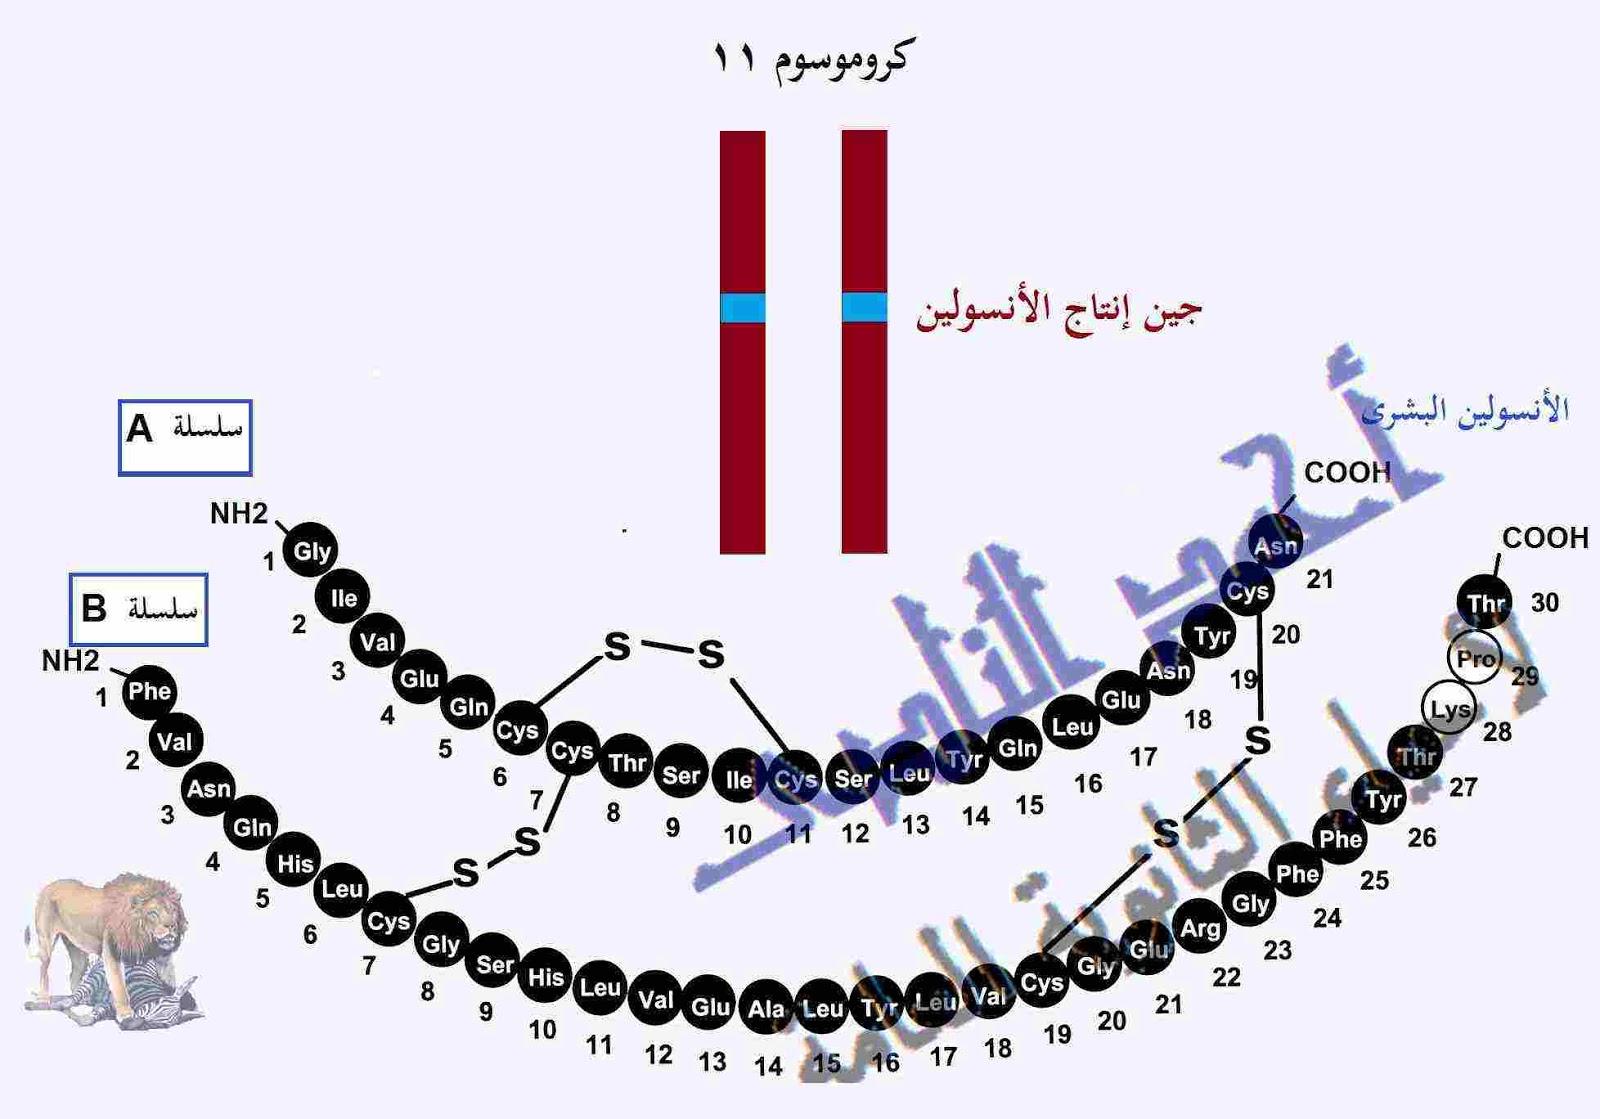 فك شفرة الجينوم البشرى GENOME   -  الحمض النووى DNA – الهندسة الوراثية - الأنسولين - أحياء الثانوية العامة – مدونة أحمد النادى